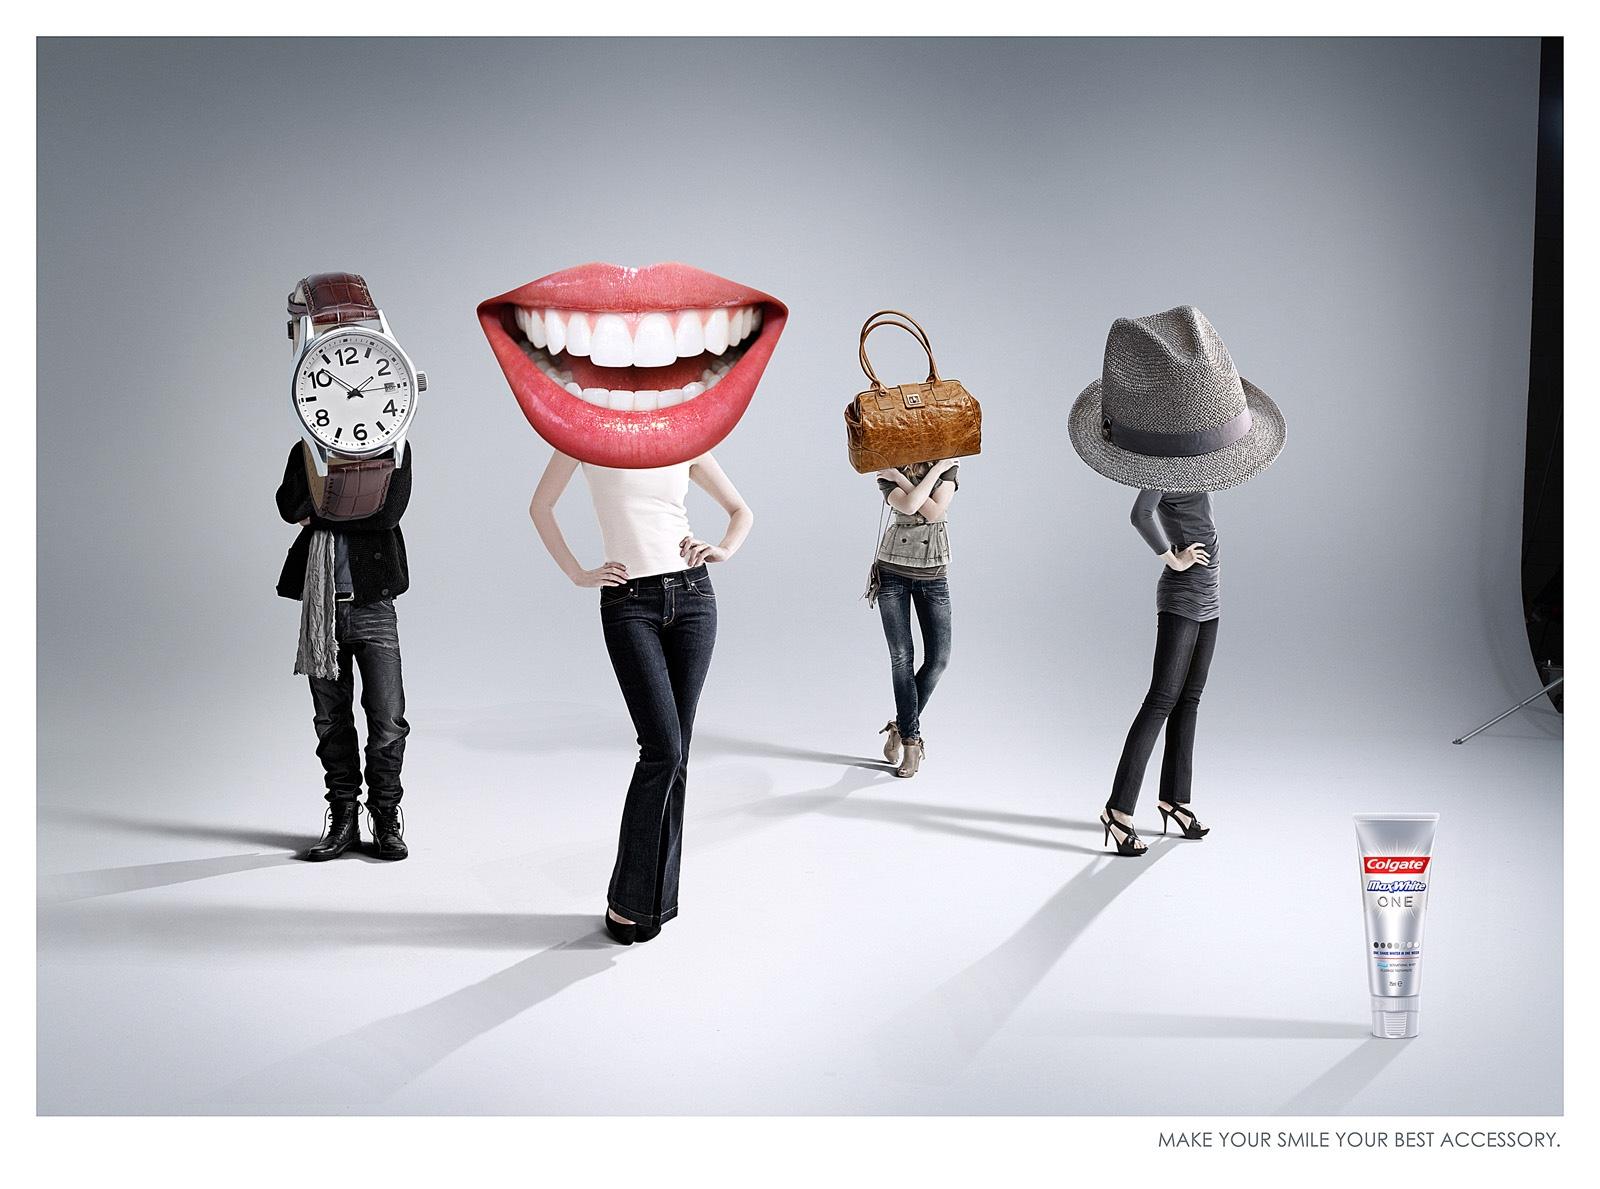 Привлекающие картинки для рекламы